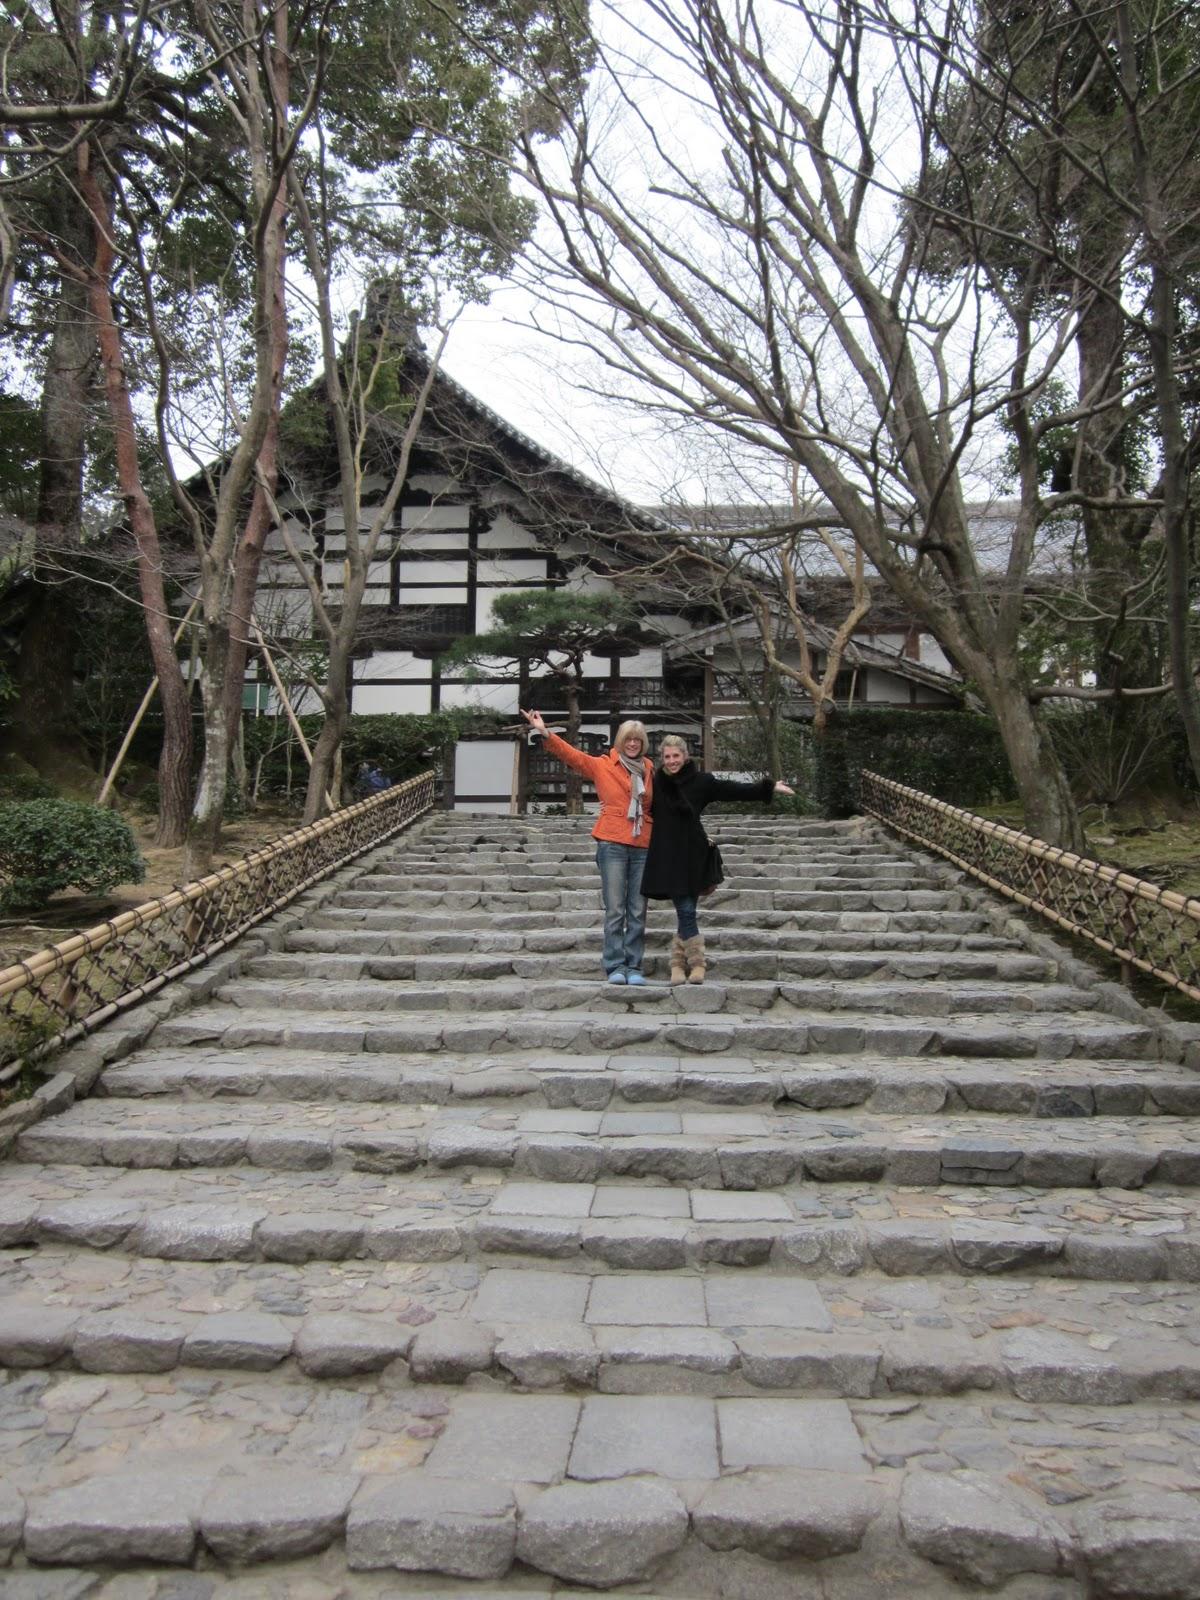 http://1.bp.blogspot.com/--7-CM4aHIgk/TVSUUXZneZI/AAAAAAAABtQ/nGnmsC47CHA/s1600/kyoto+067.JPG